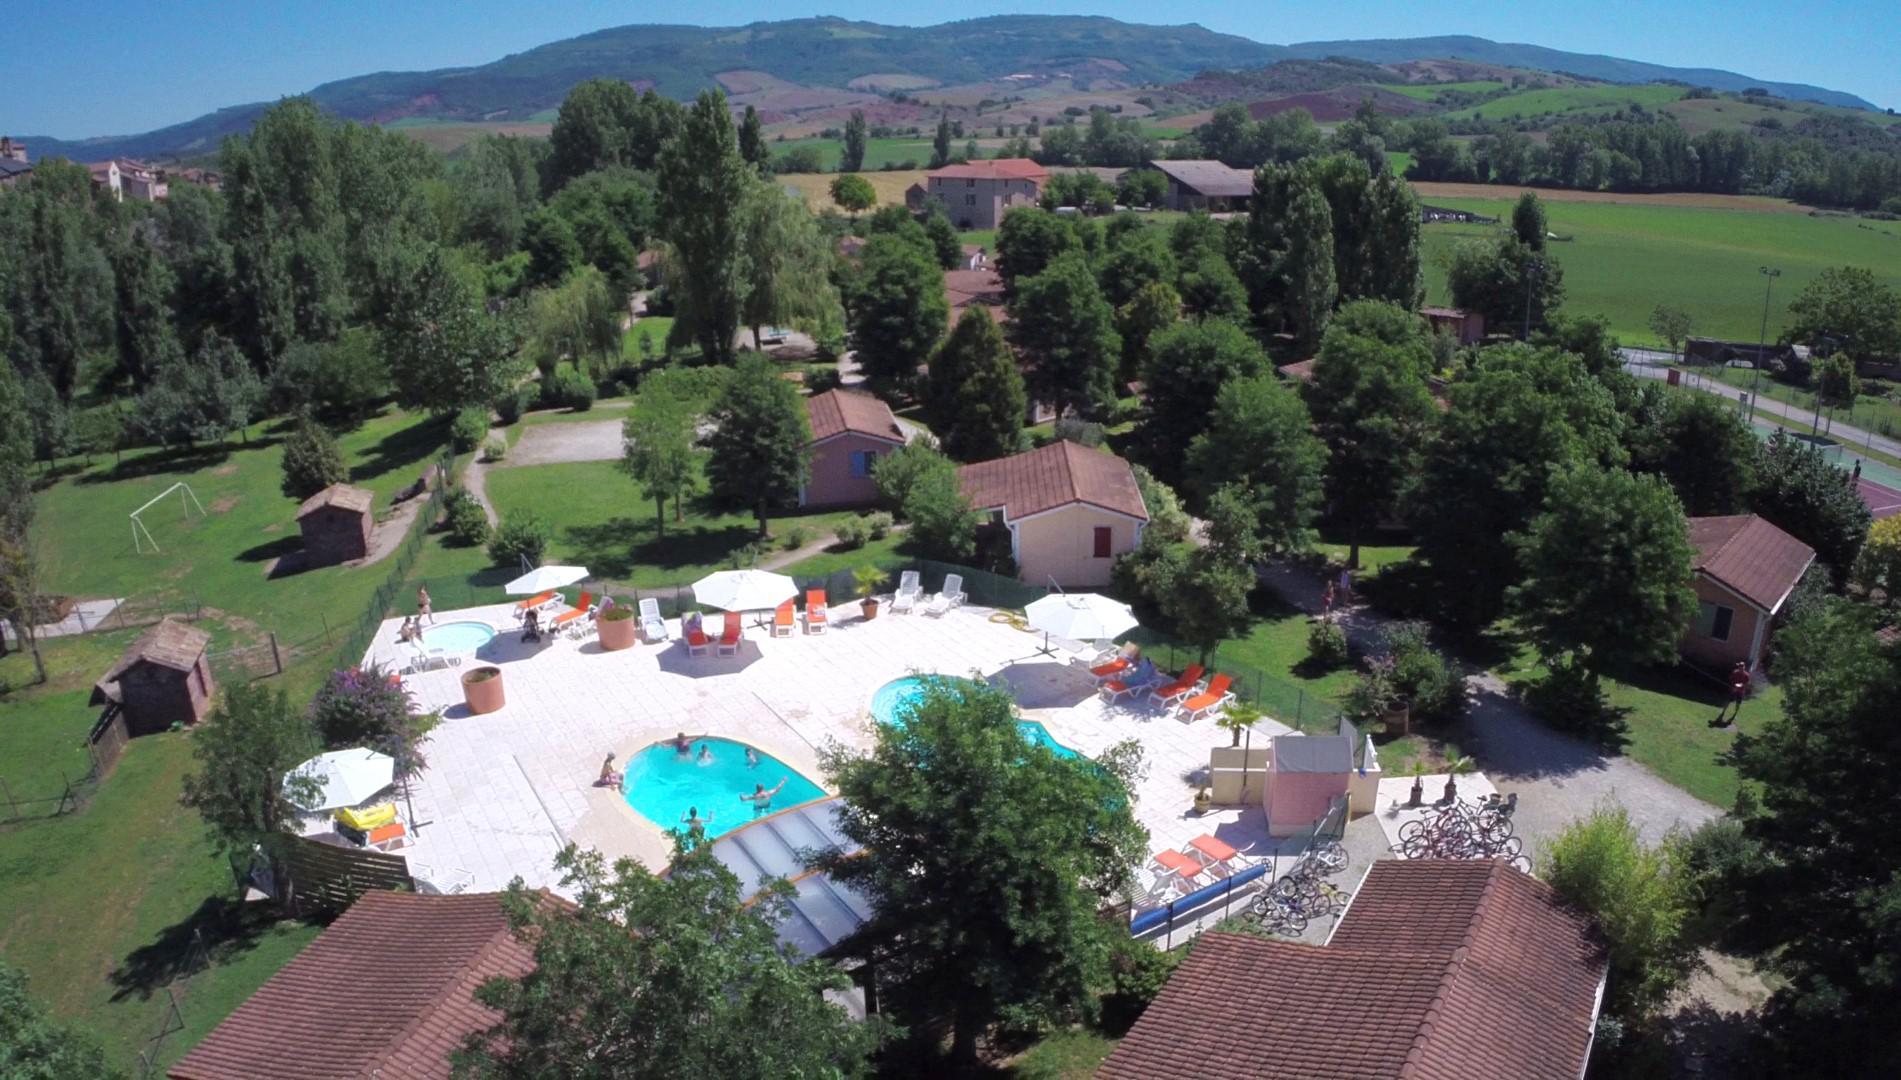 Location gite et village vacances aveyron avec piscine for Village vacances avec piscine couverte